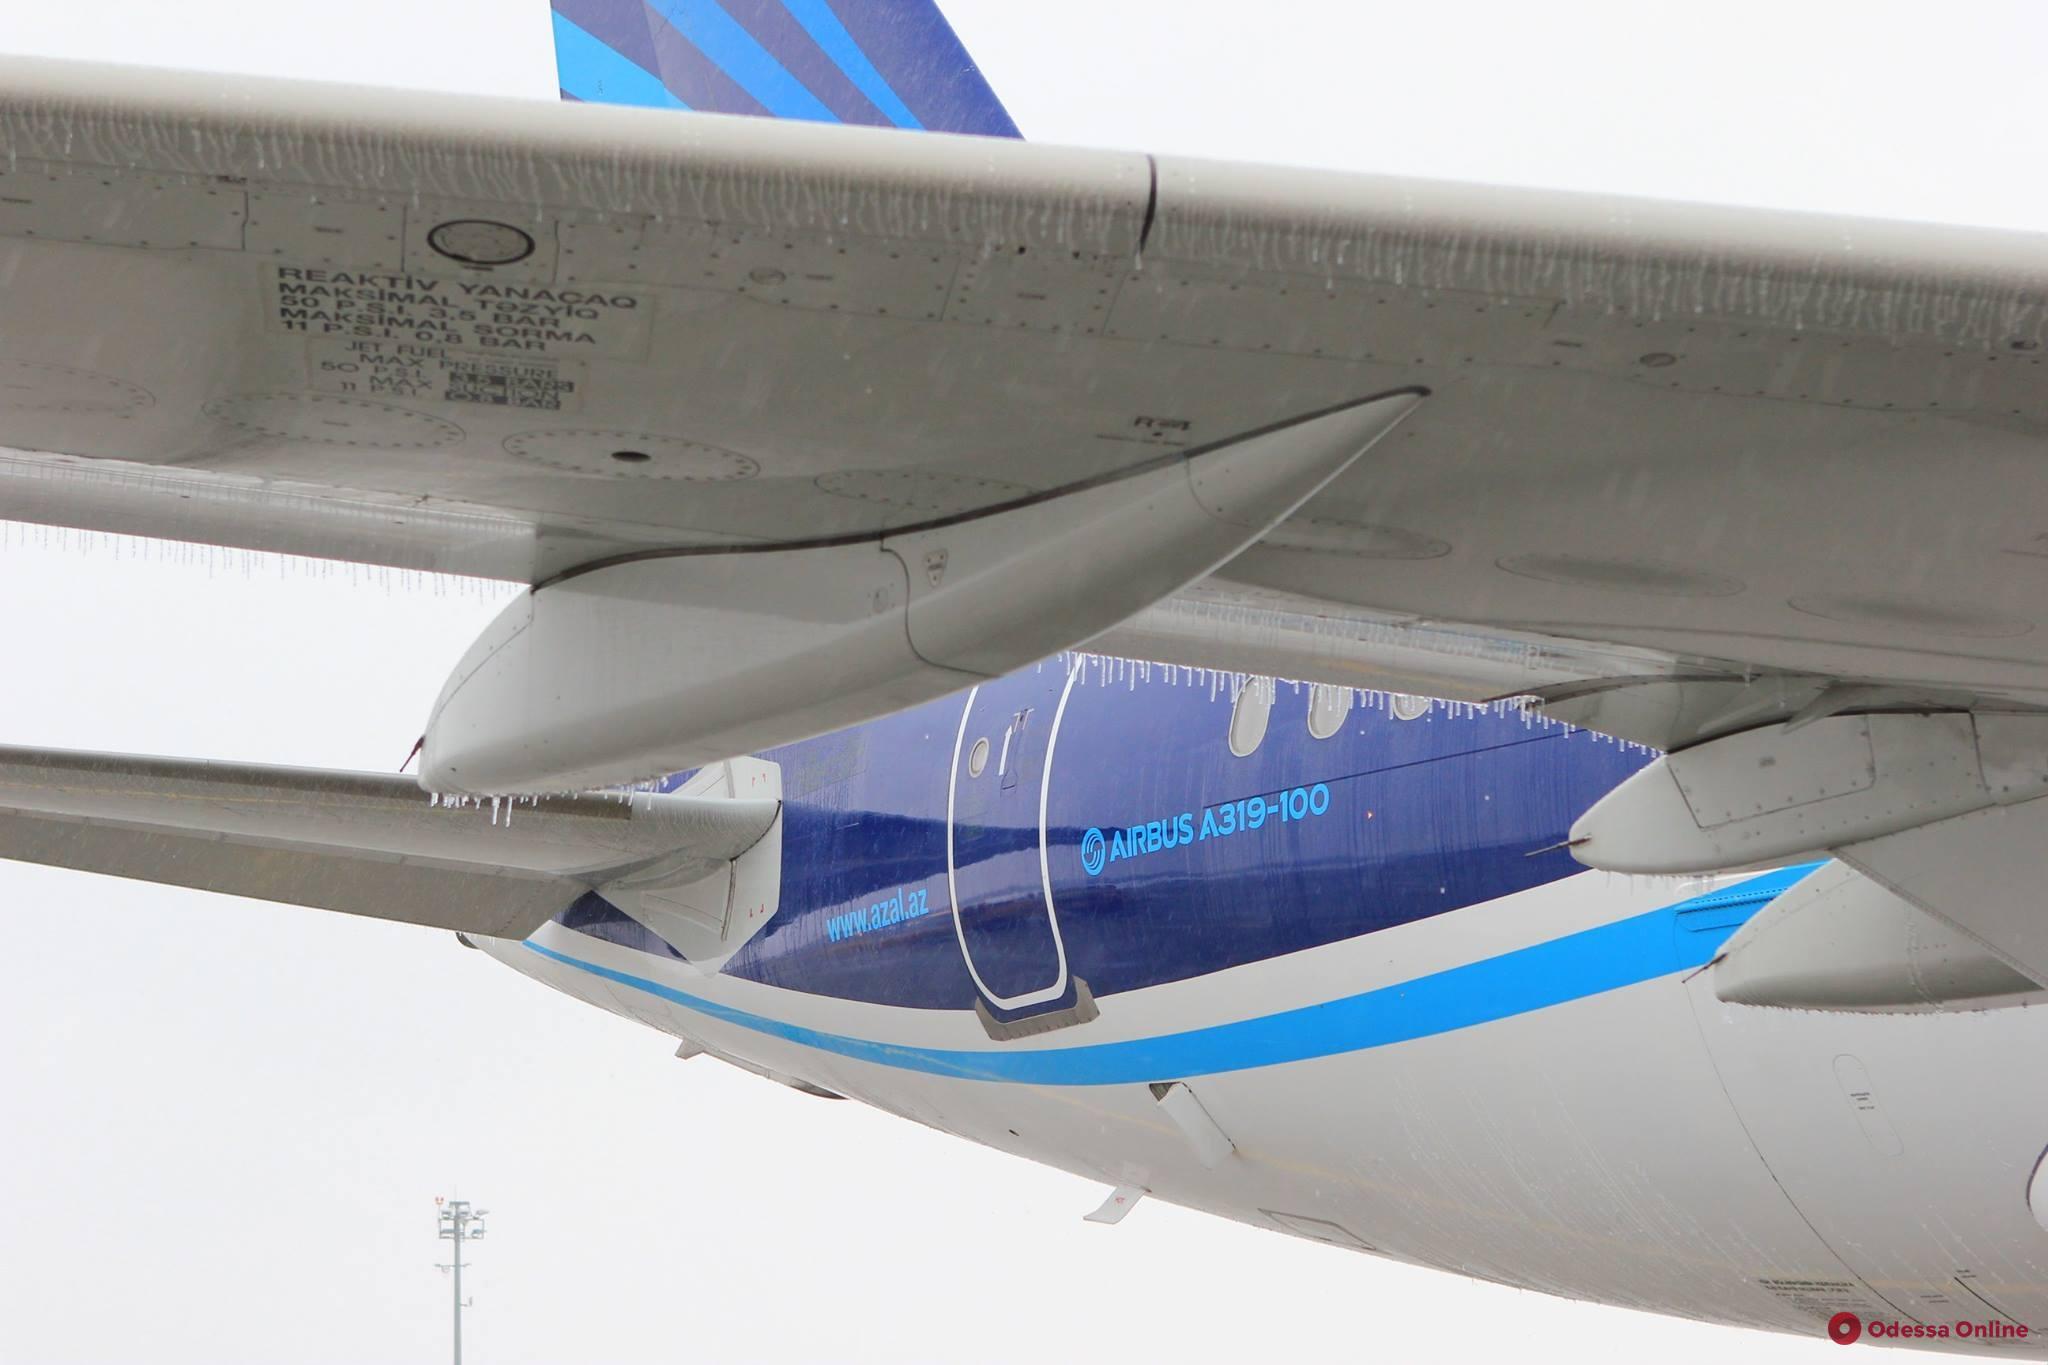 Непогода повлияла на работу одесского аэропорта